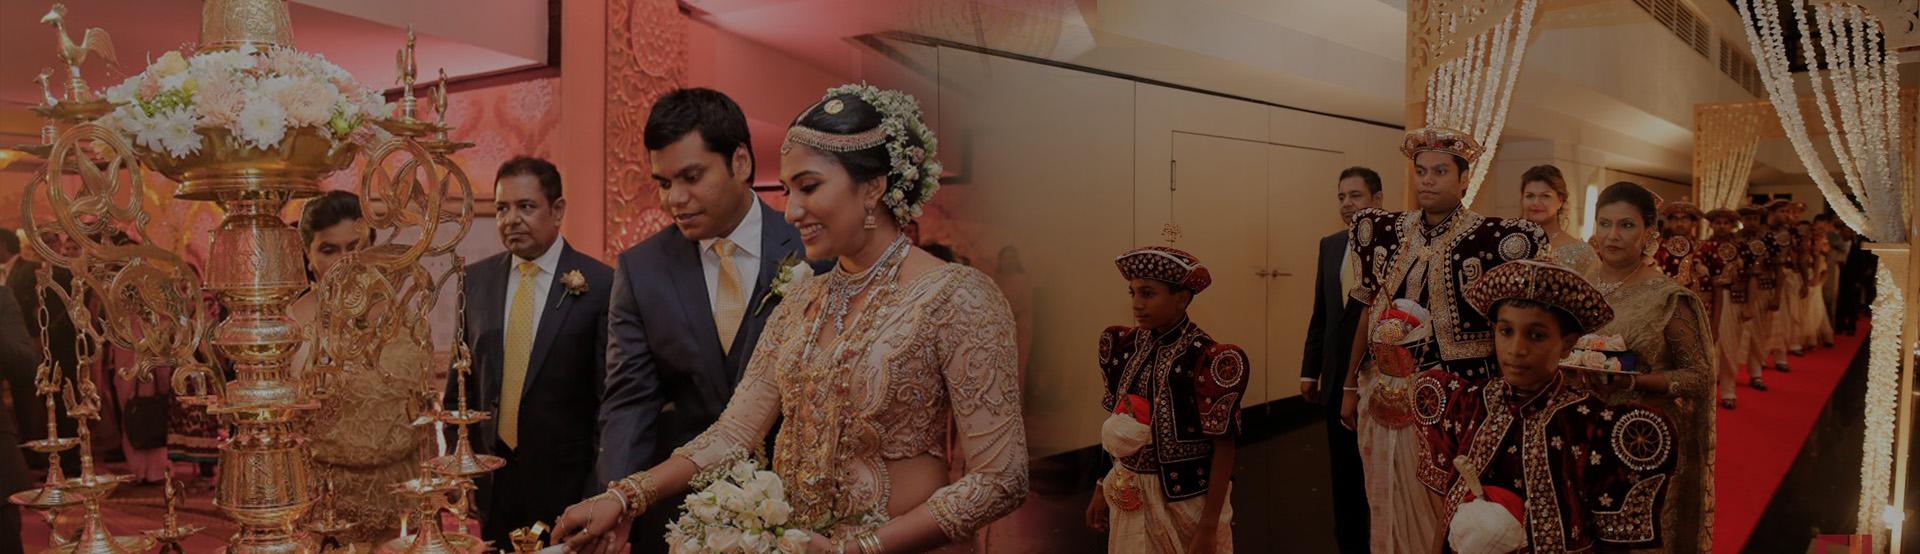 Wedding Bridal Services Directory In Sri Lanka Buddhist Weddings